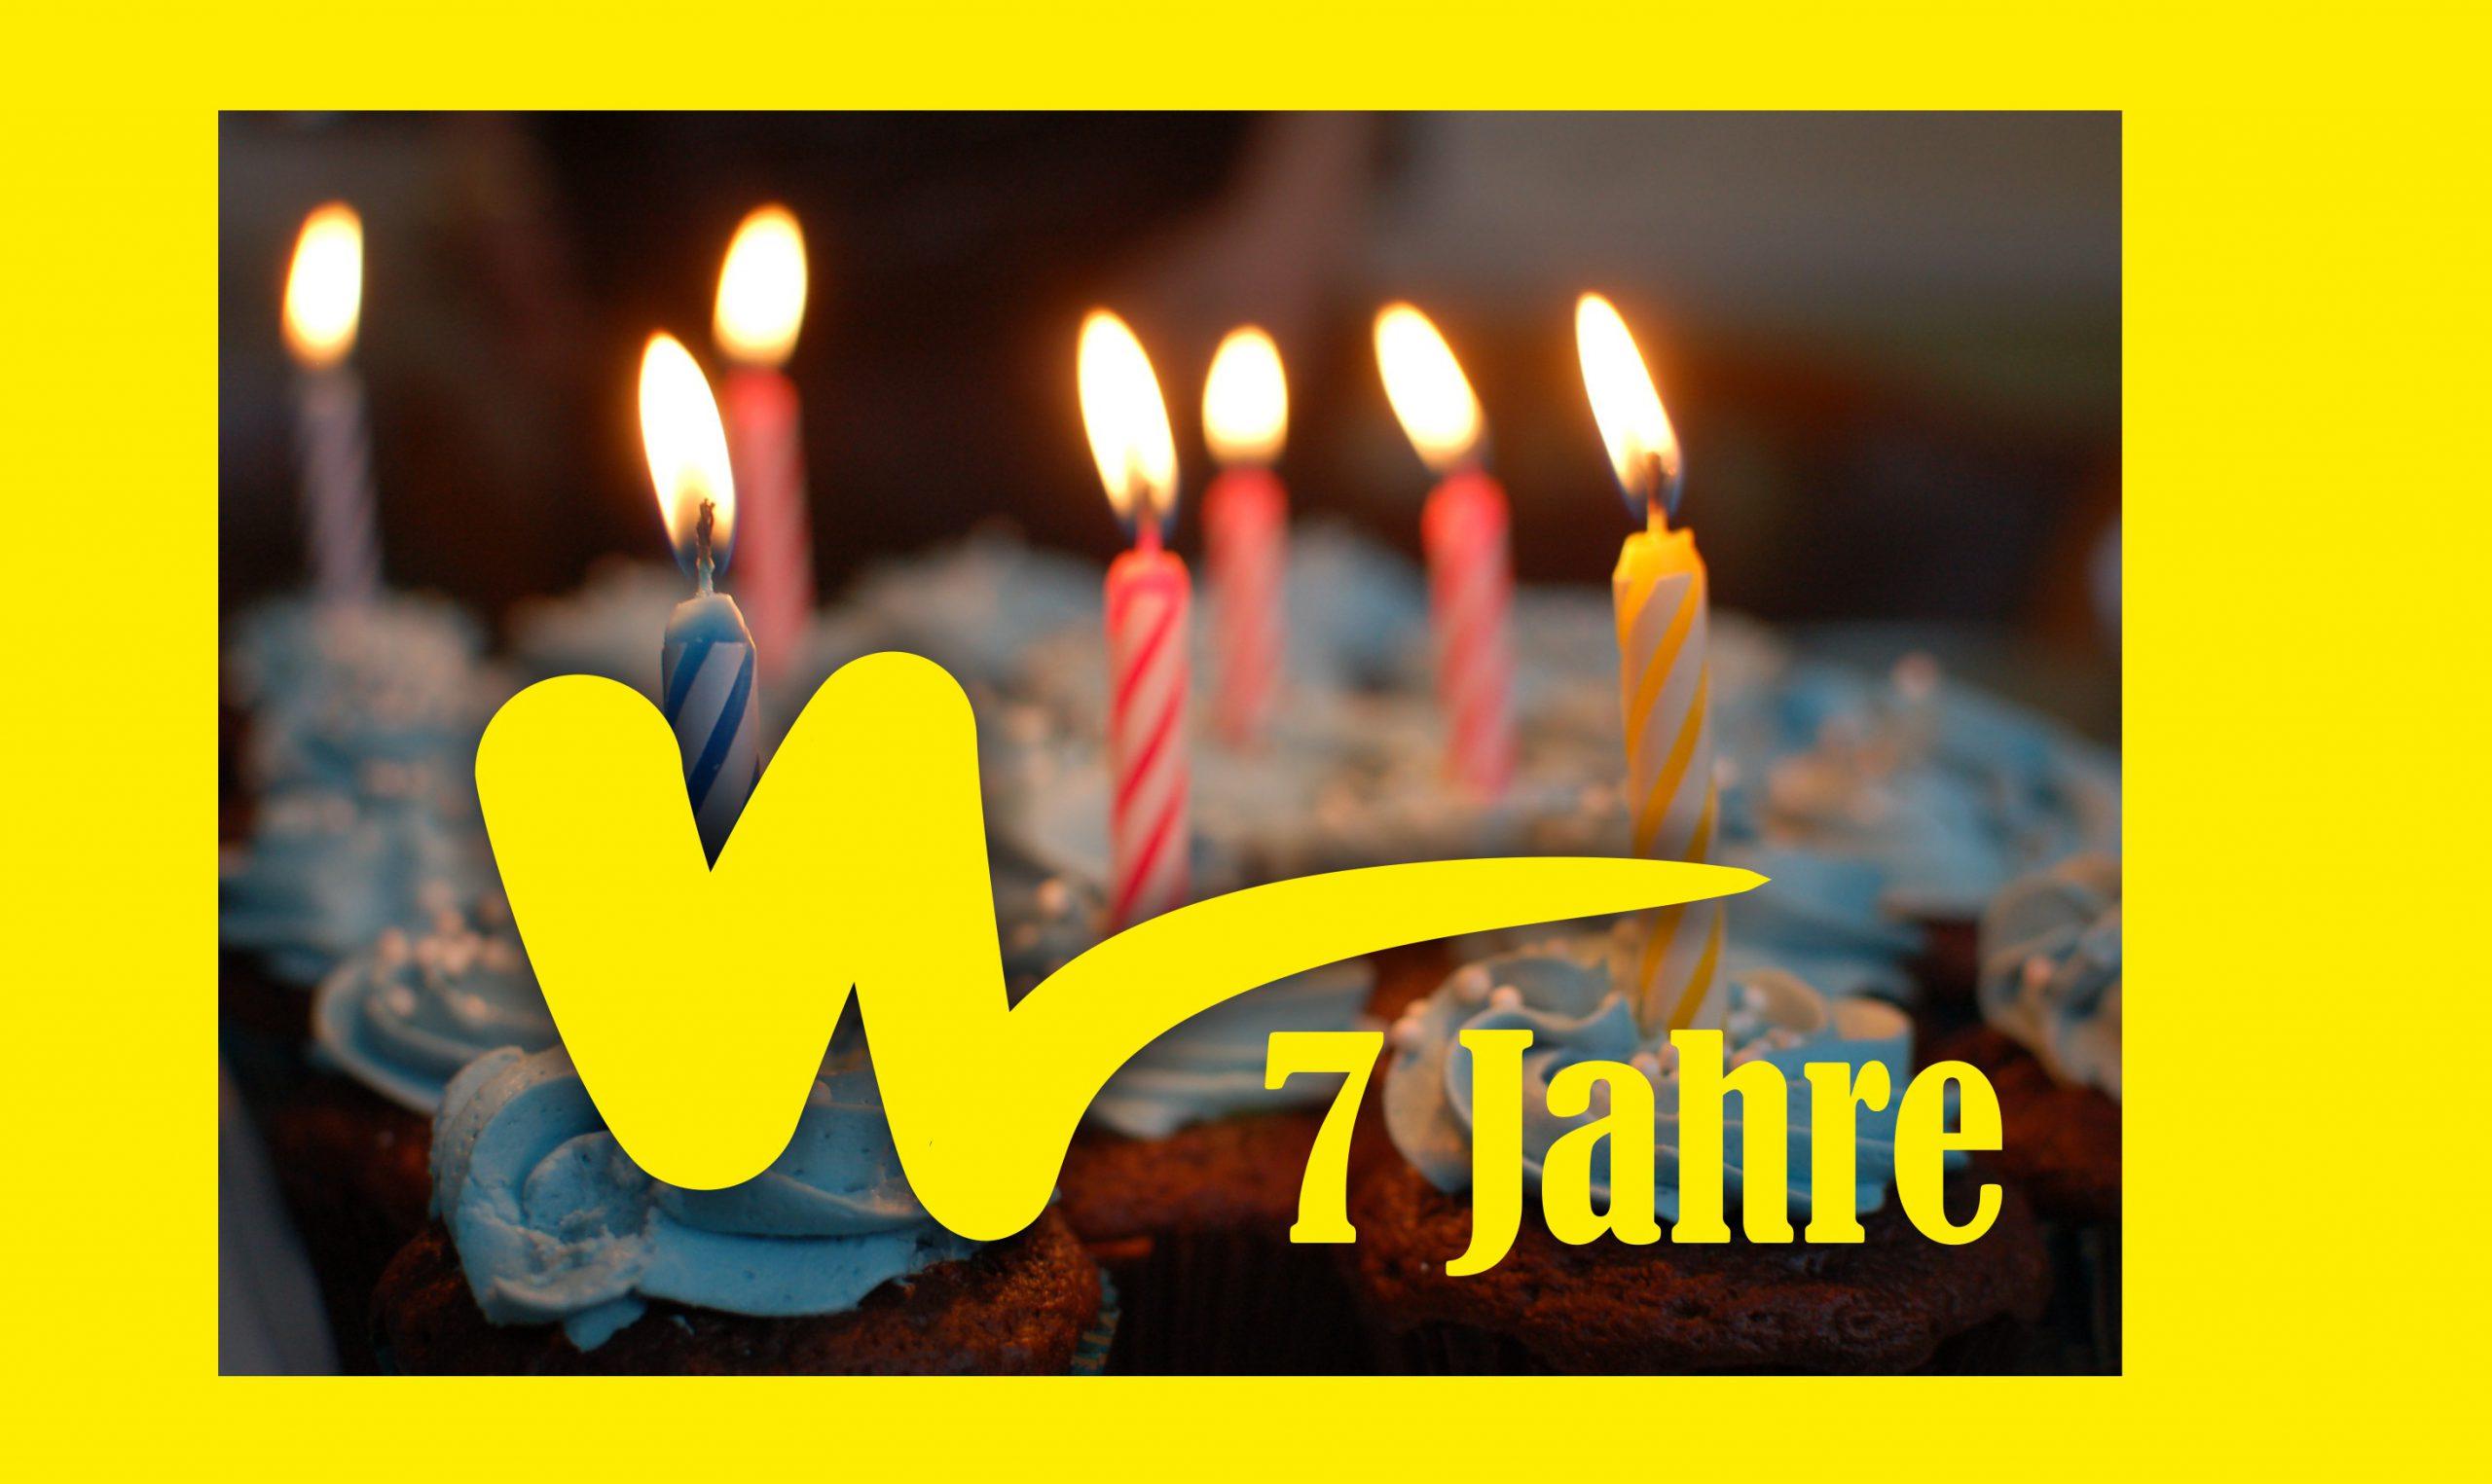 Das verflixt tolle siebte Jahr: MW feiert Geburtstag